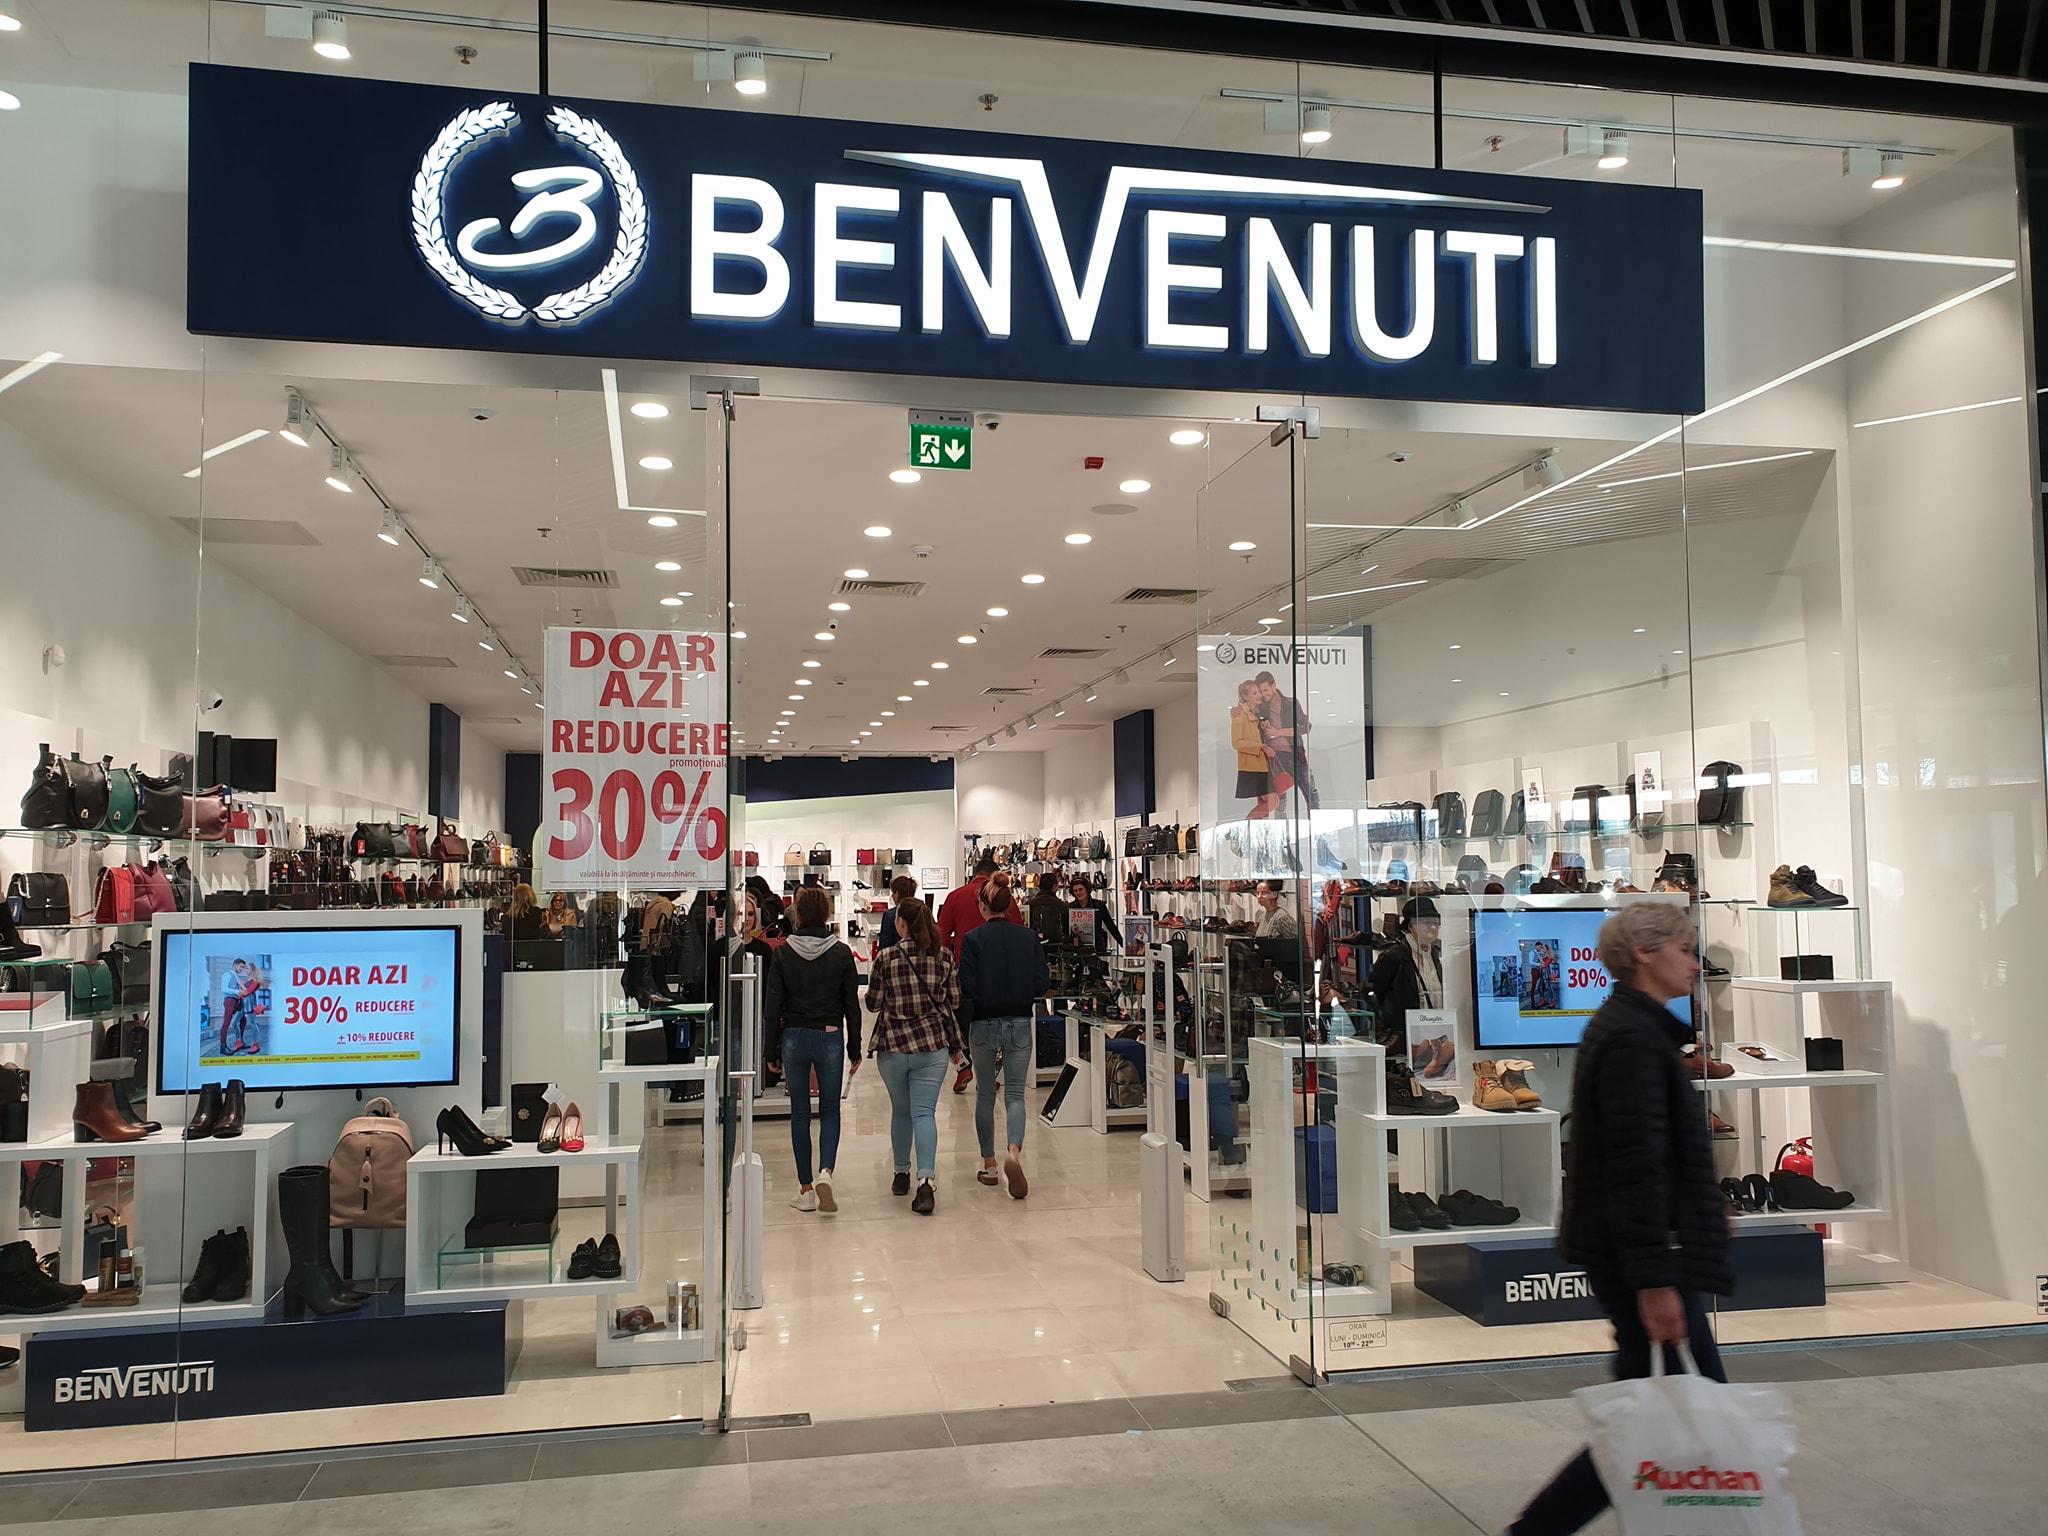 Pandemia în retail   Câzu, Benvenuti: Suntem bombardați cu facturi pentru chirii, costuri de servicii, la valoare integrală